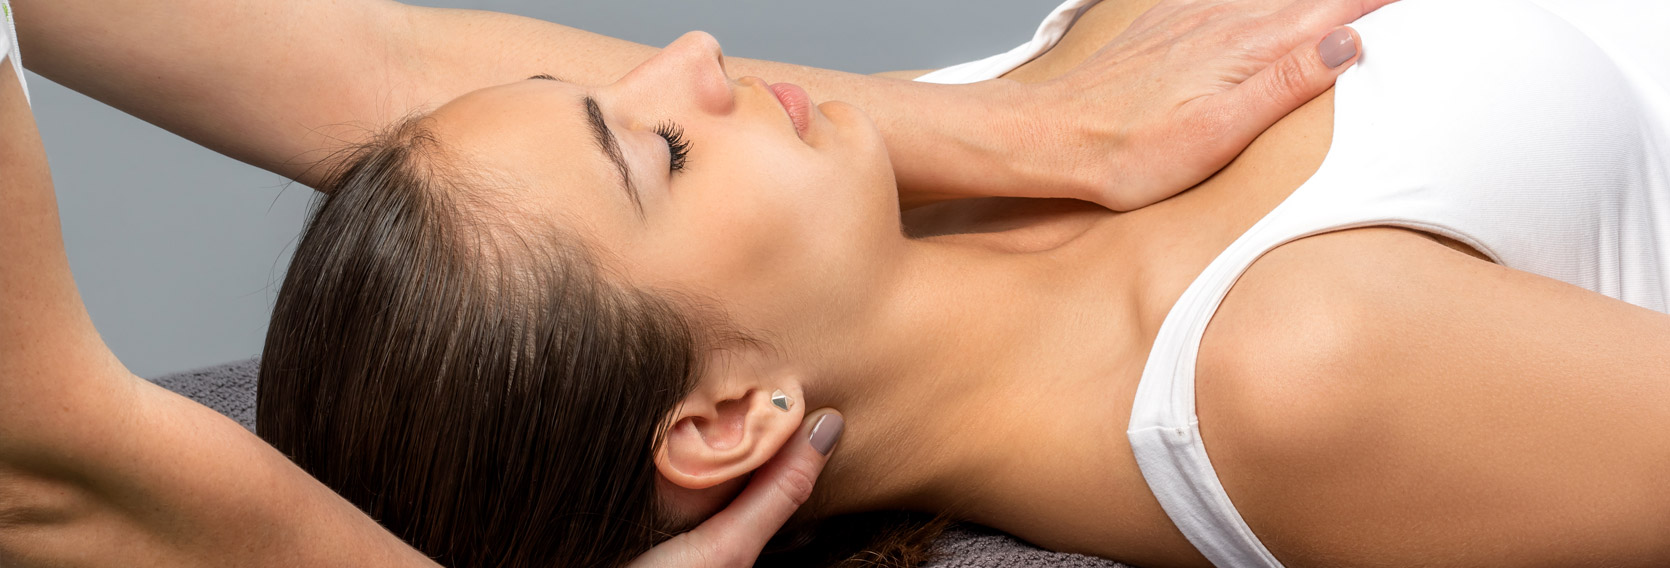 Osteopathie Behandlung für Erwachsene | Praxis Kerstin Finke